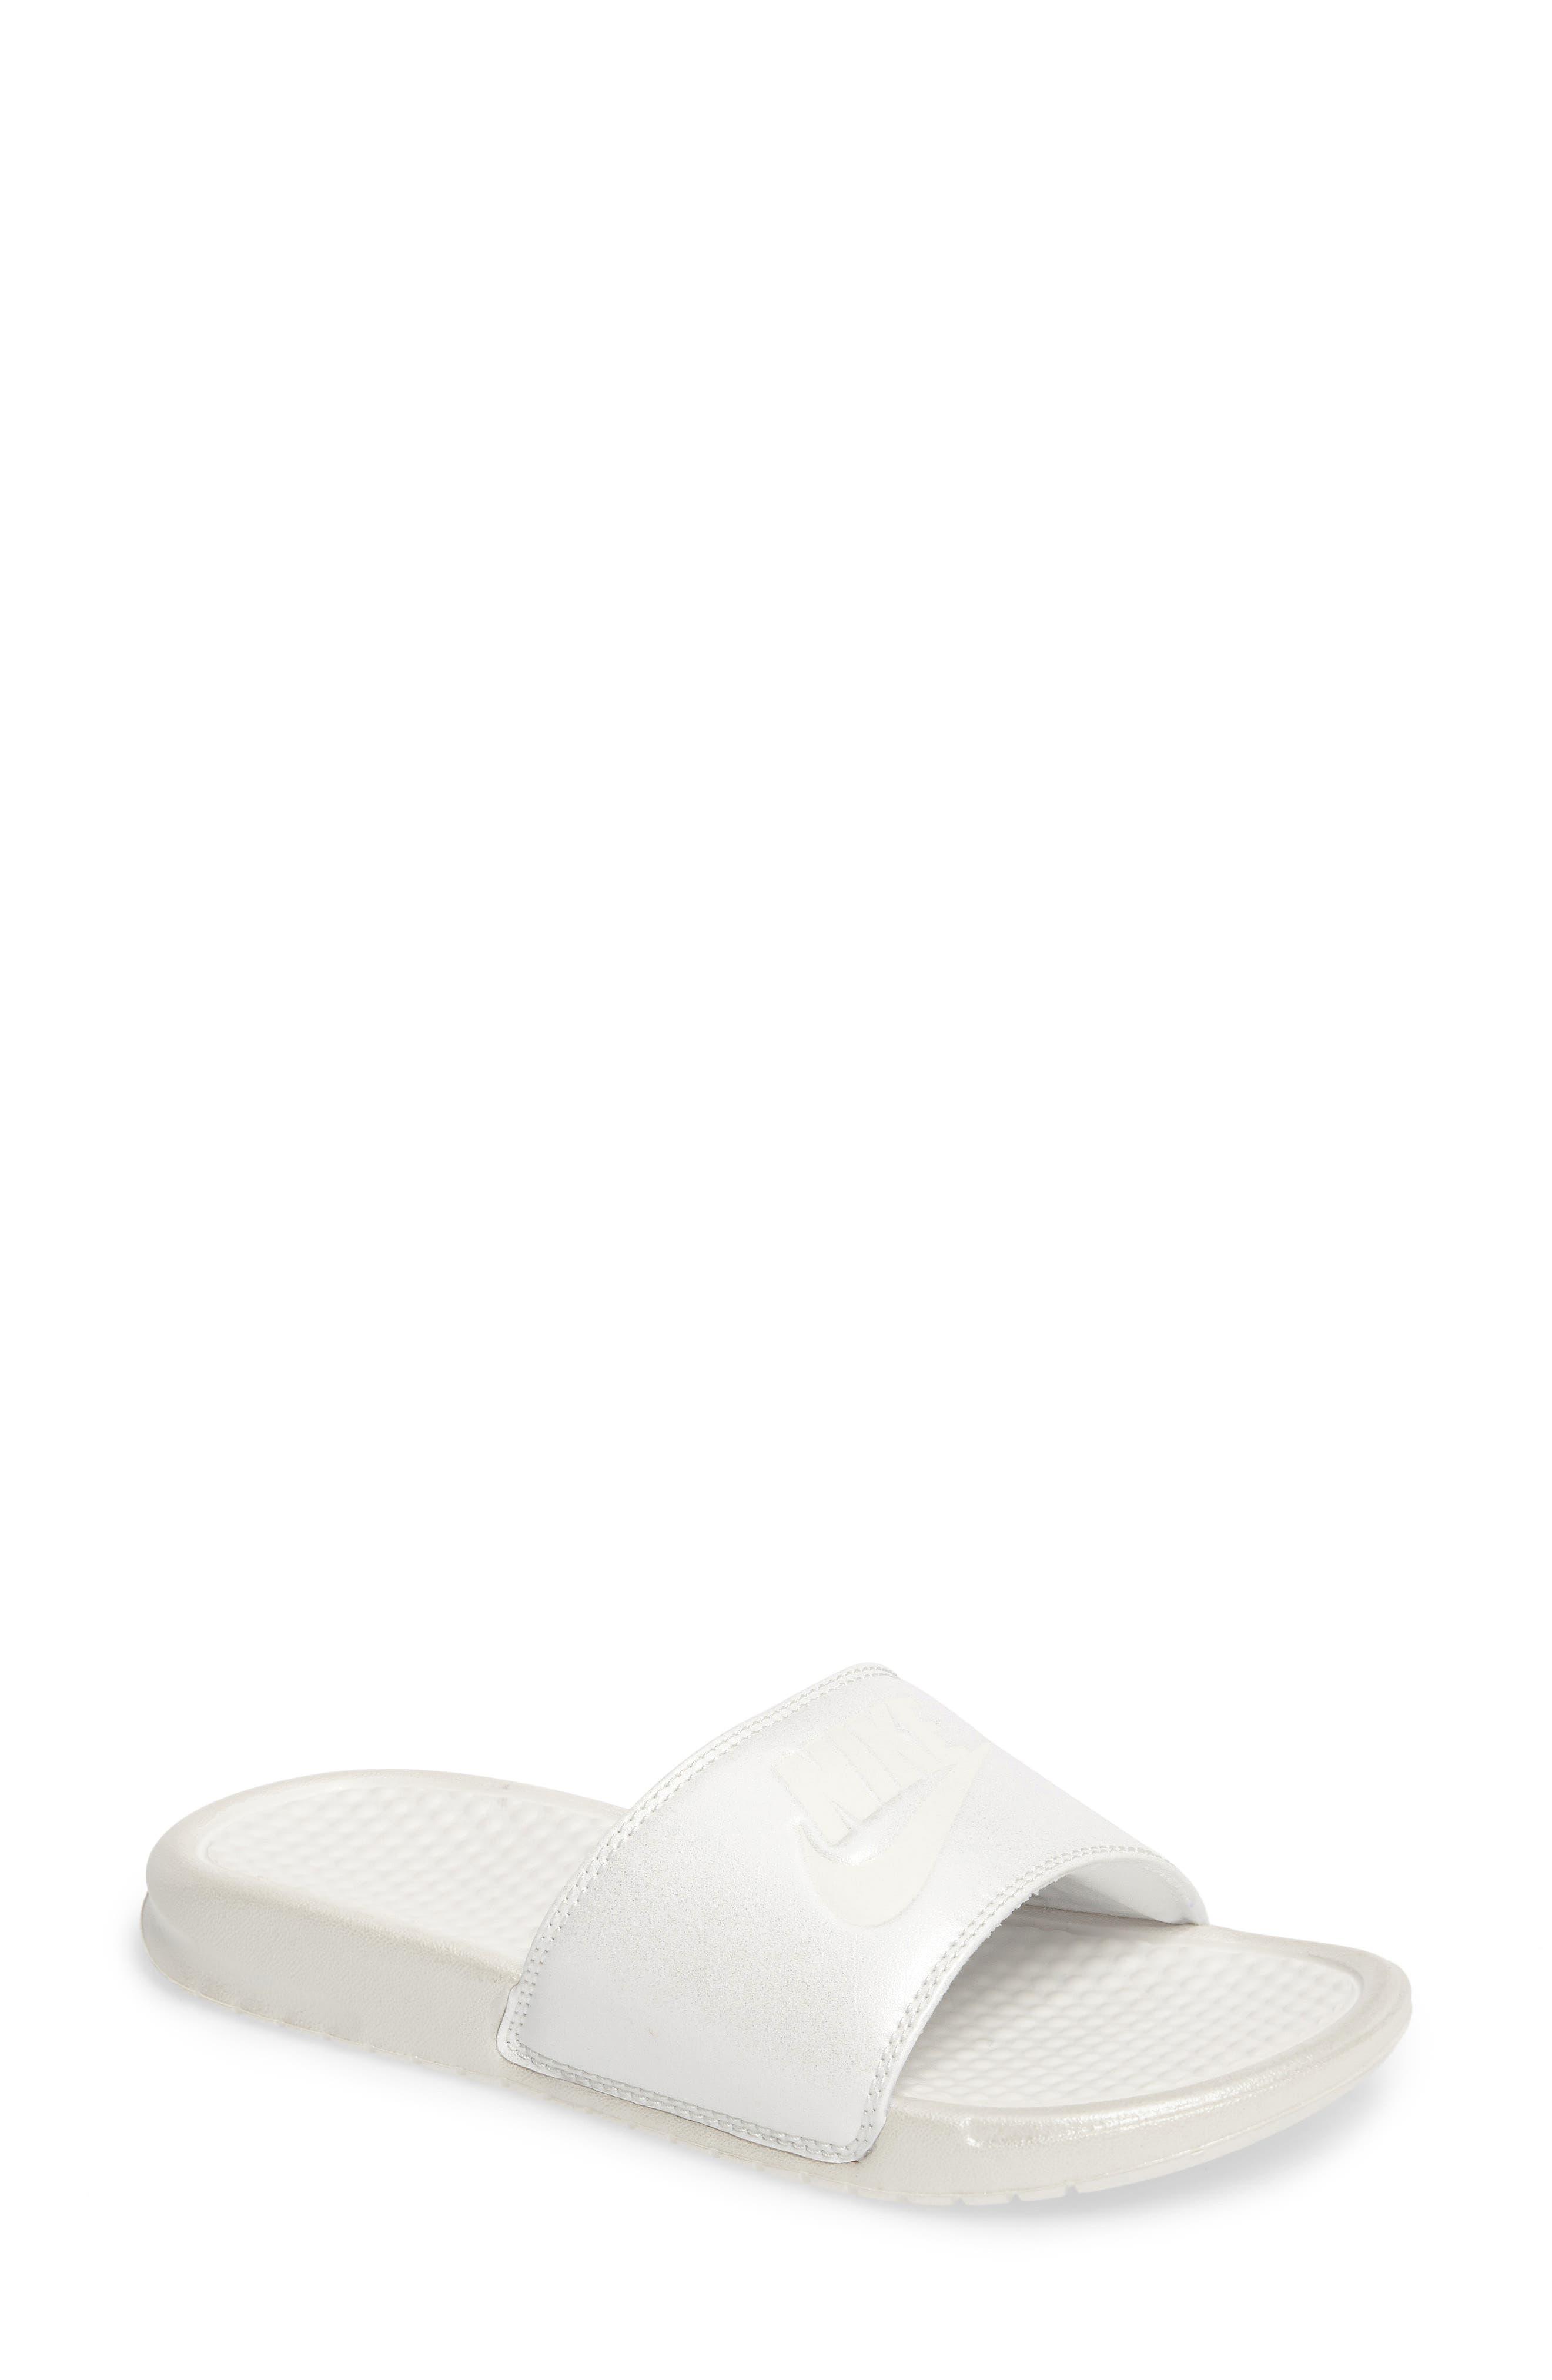 NIKE Benassi Slide Sandal